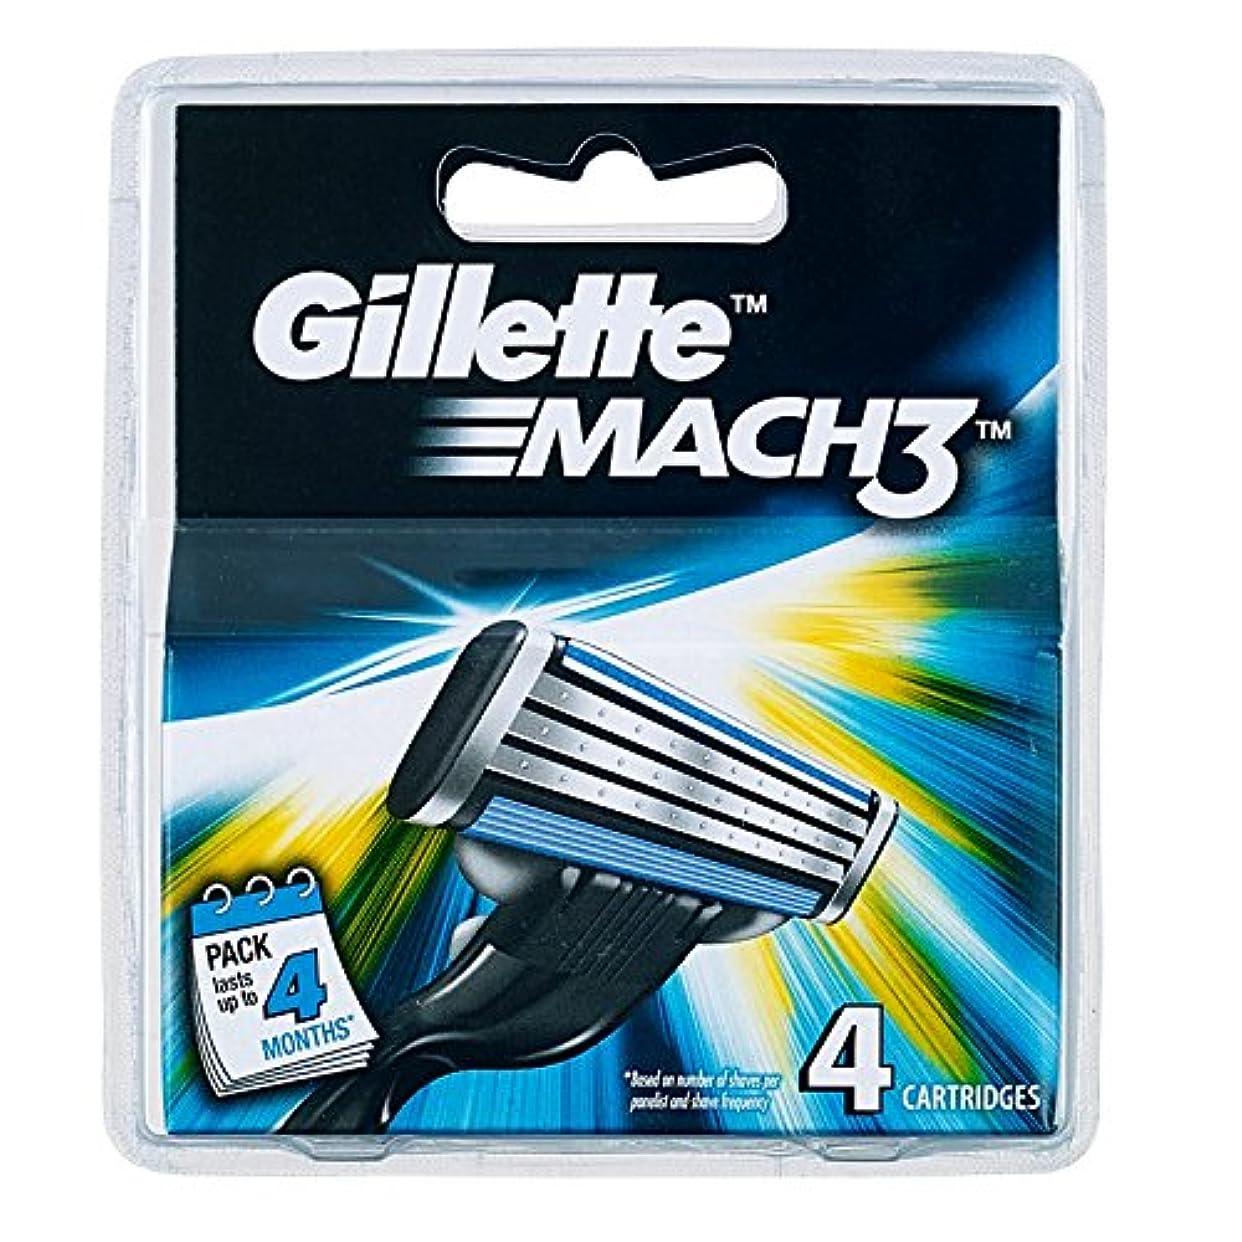 比率差し引くジュニアGillette MACH3 SHAVING RAZOR CARTRIDGES BLADES 4 Pack [並行輸入品]